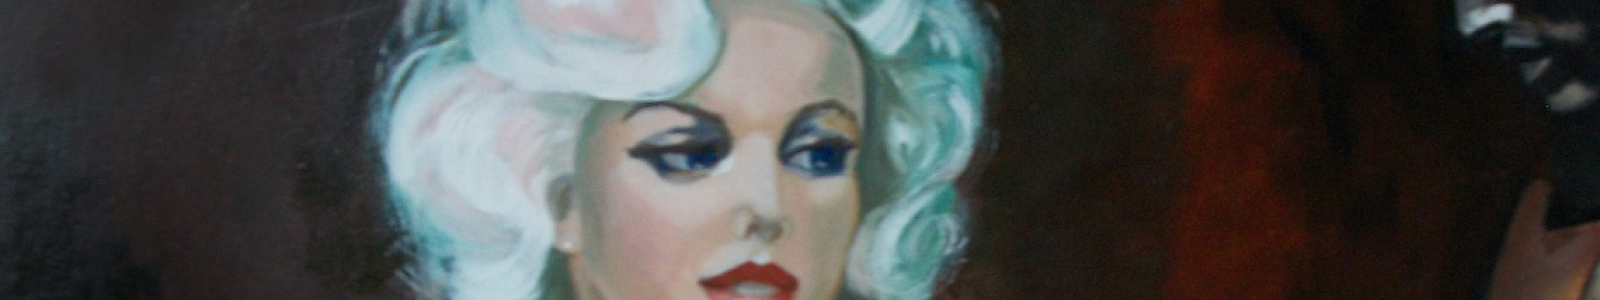 Gallery Painter Alla \almoro\ Morozova